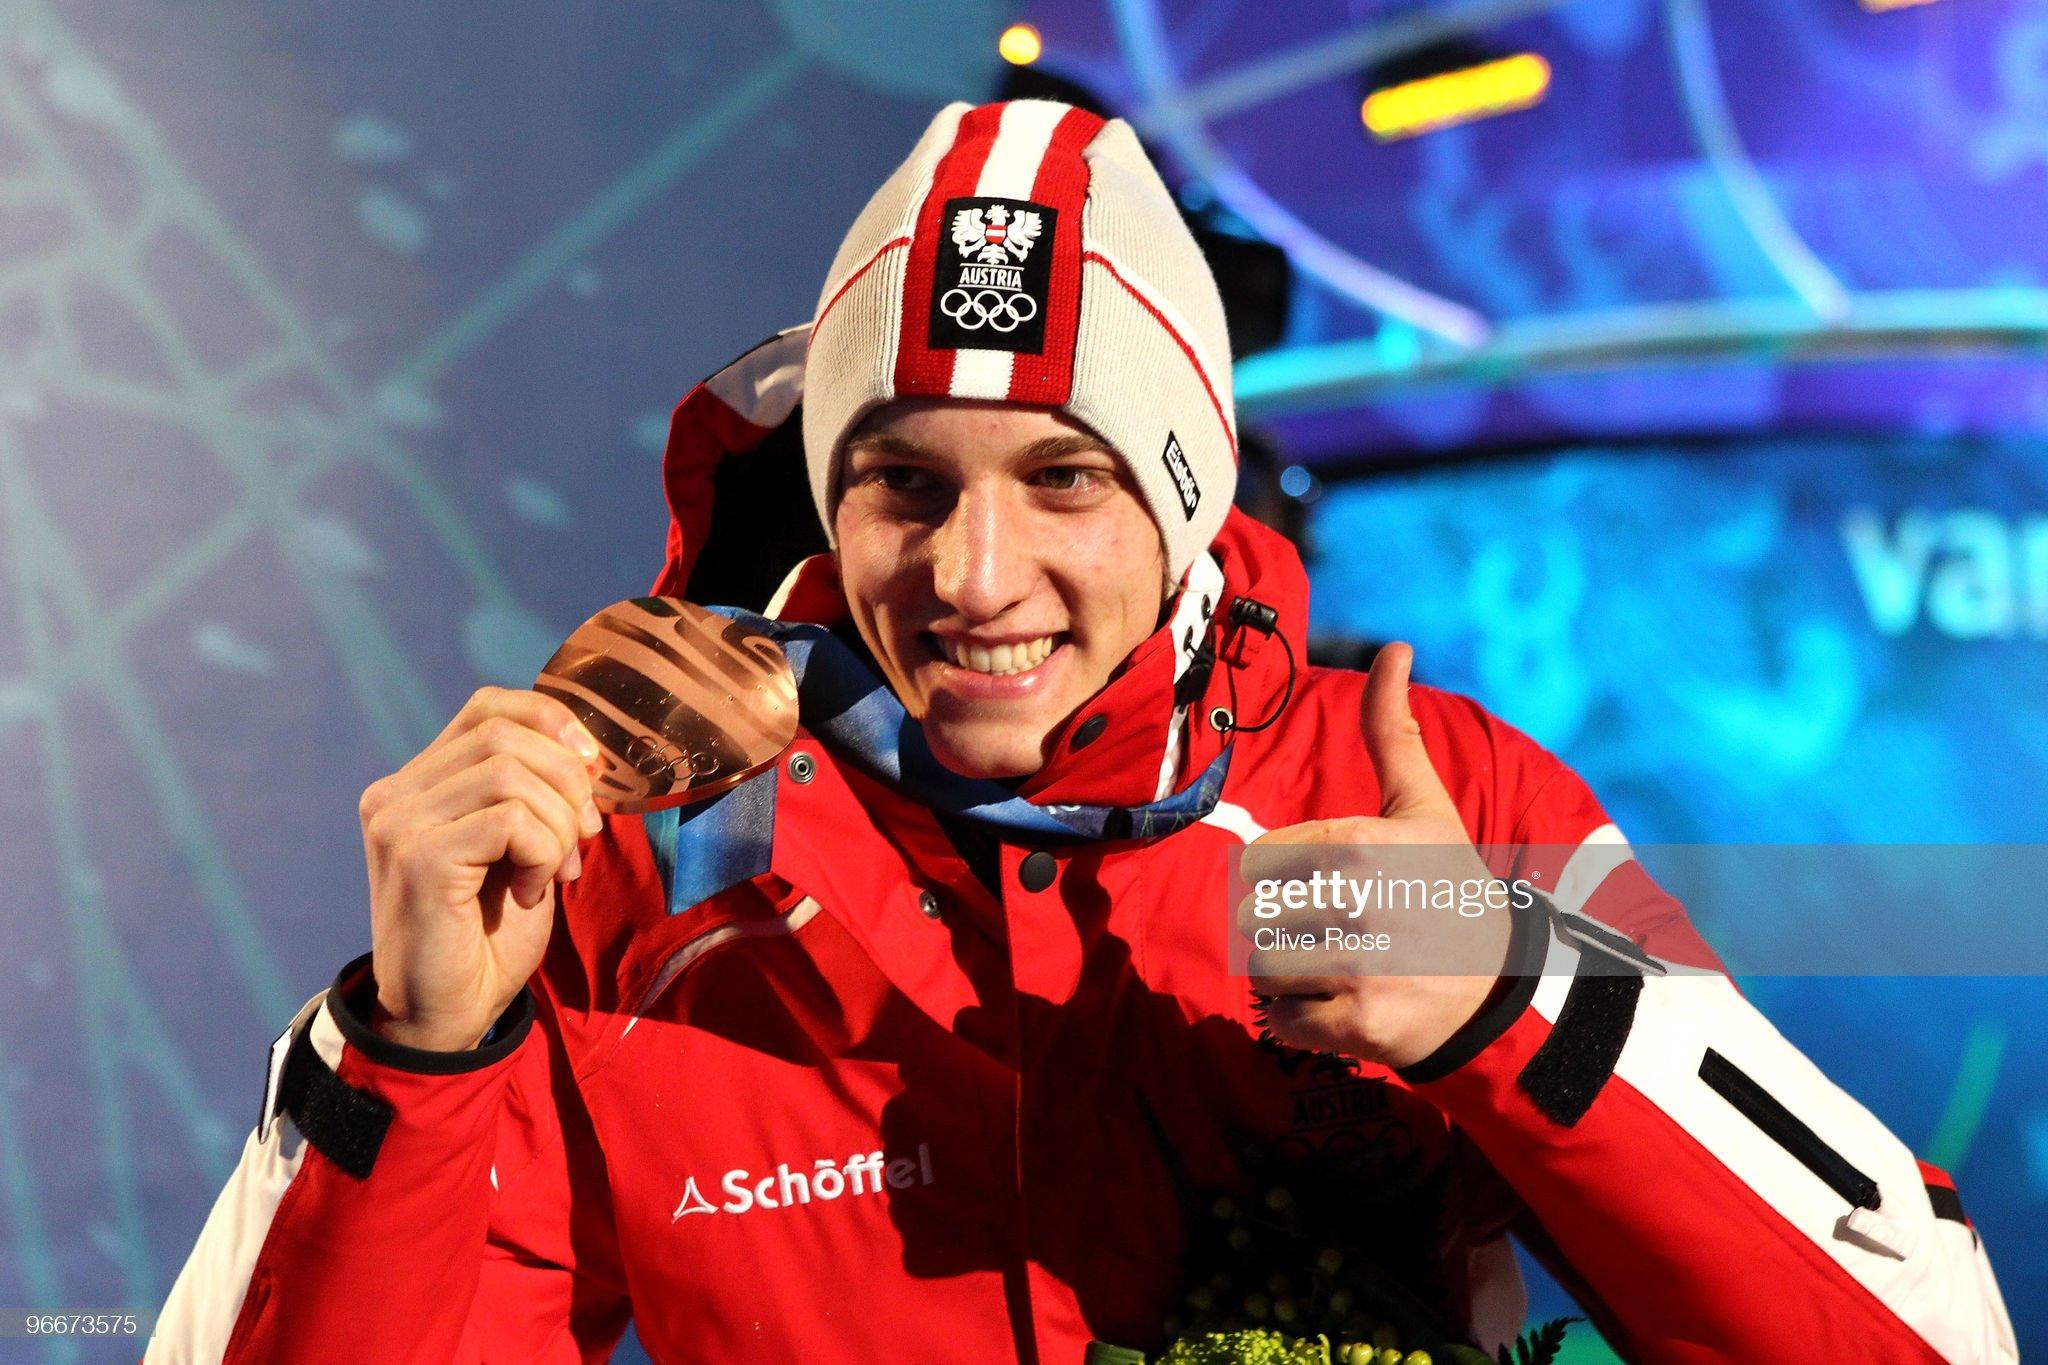 Грегор Шлиренцауэр – бронзовый призер Олимпийских игр 2010